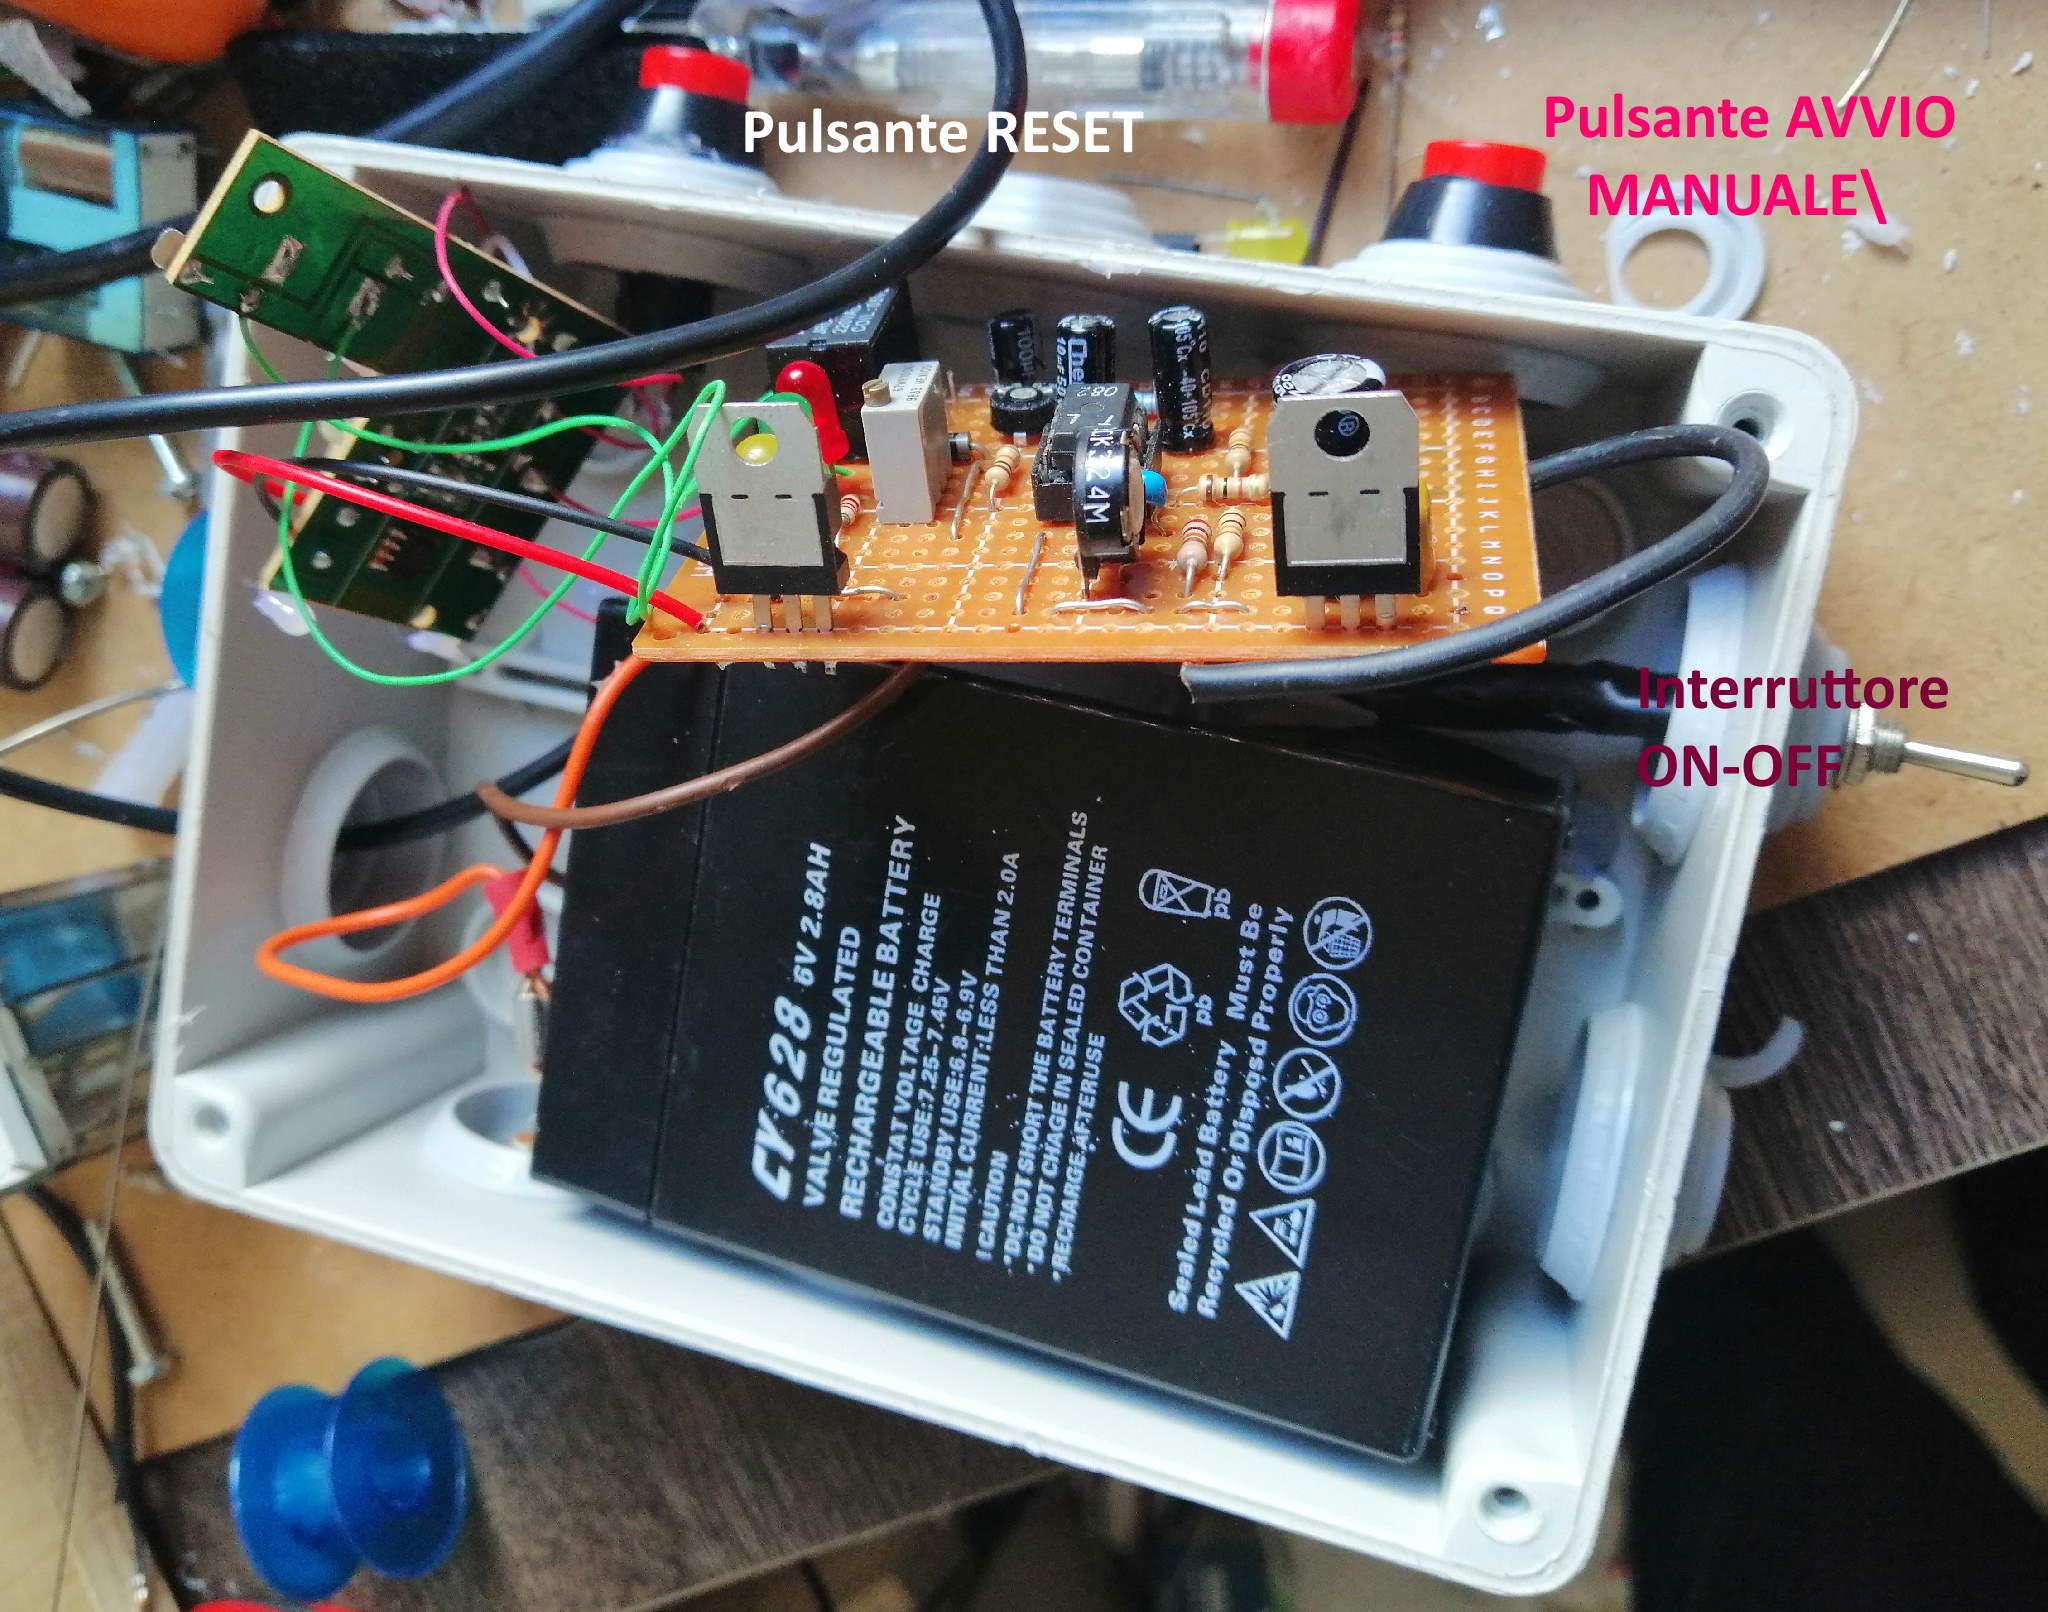 Interruttore Radiocomandato con Sensore di corrente - Nuove funzioni e cablaggio